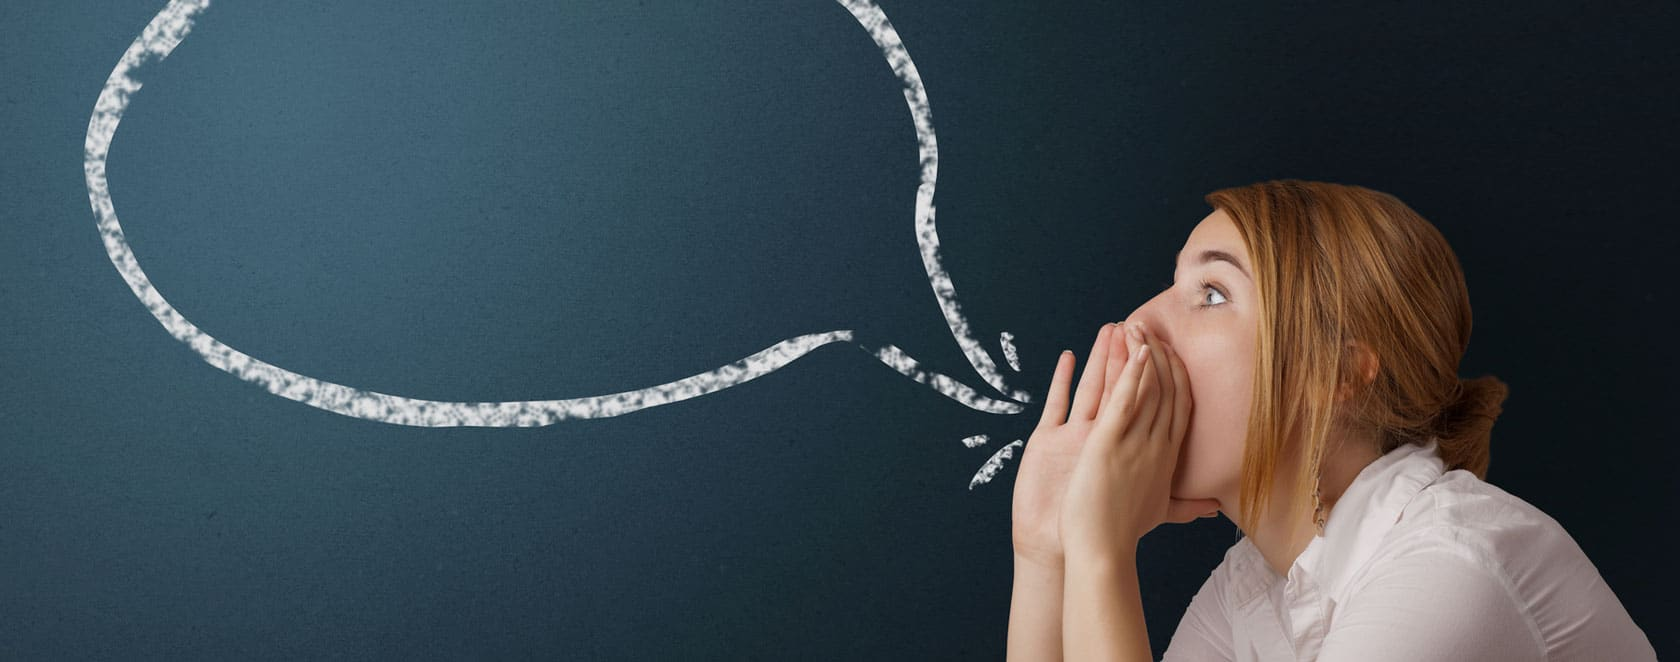 Proposta di Valore del Brand - Brand Value Proposition BVP - Web Agency Ragusa & SEO Ragusa